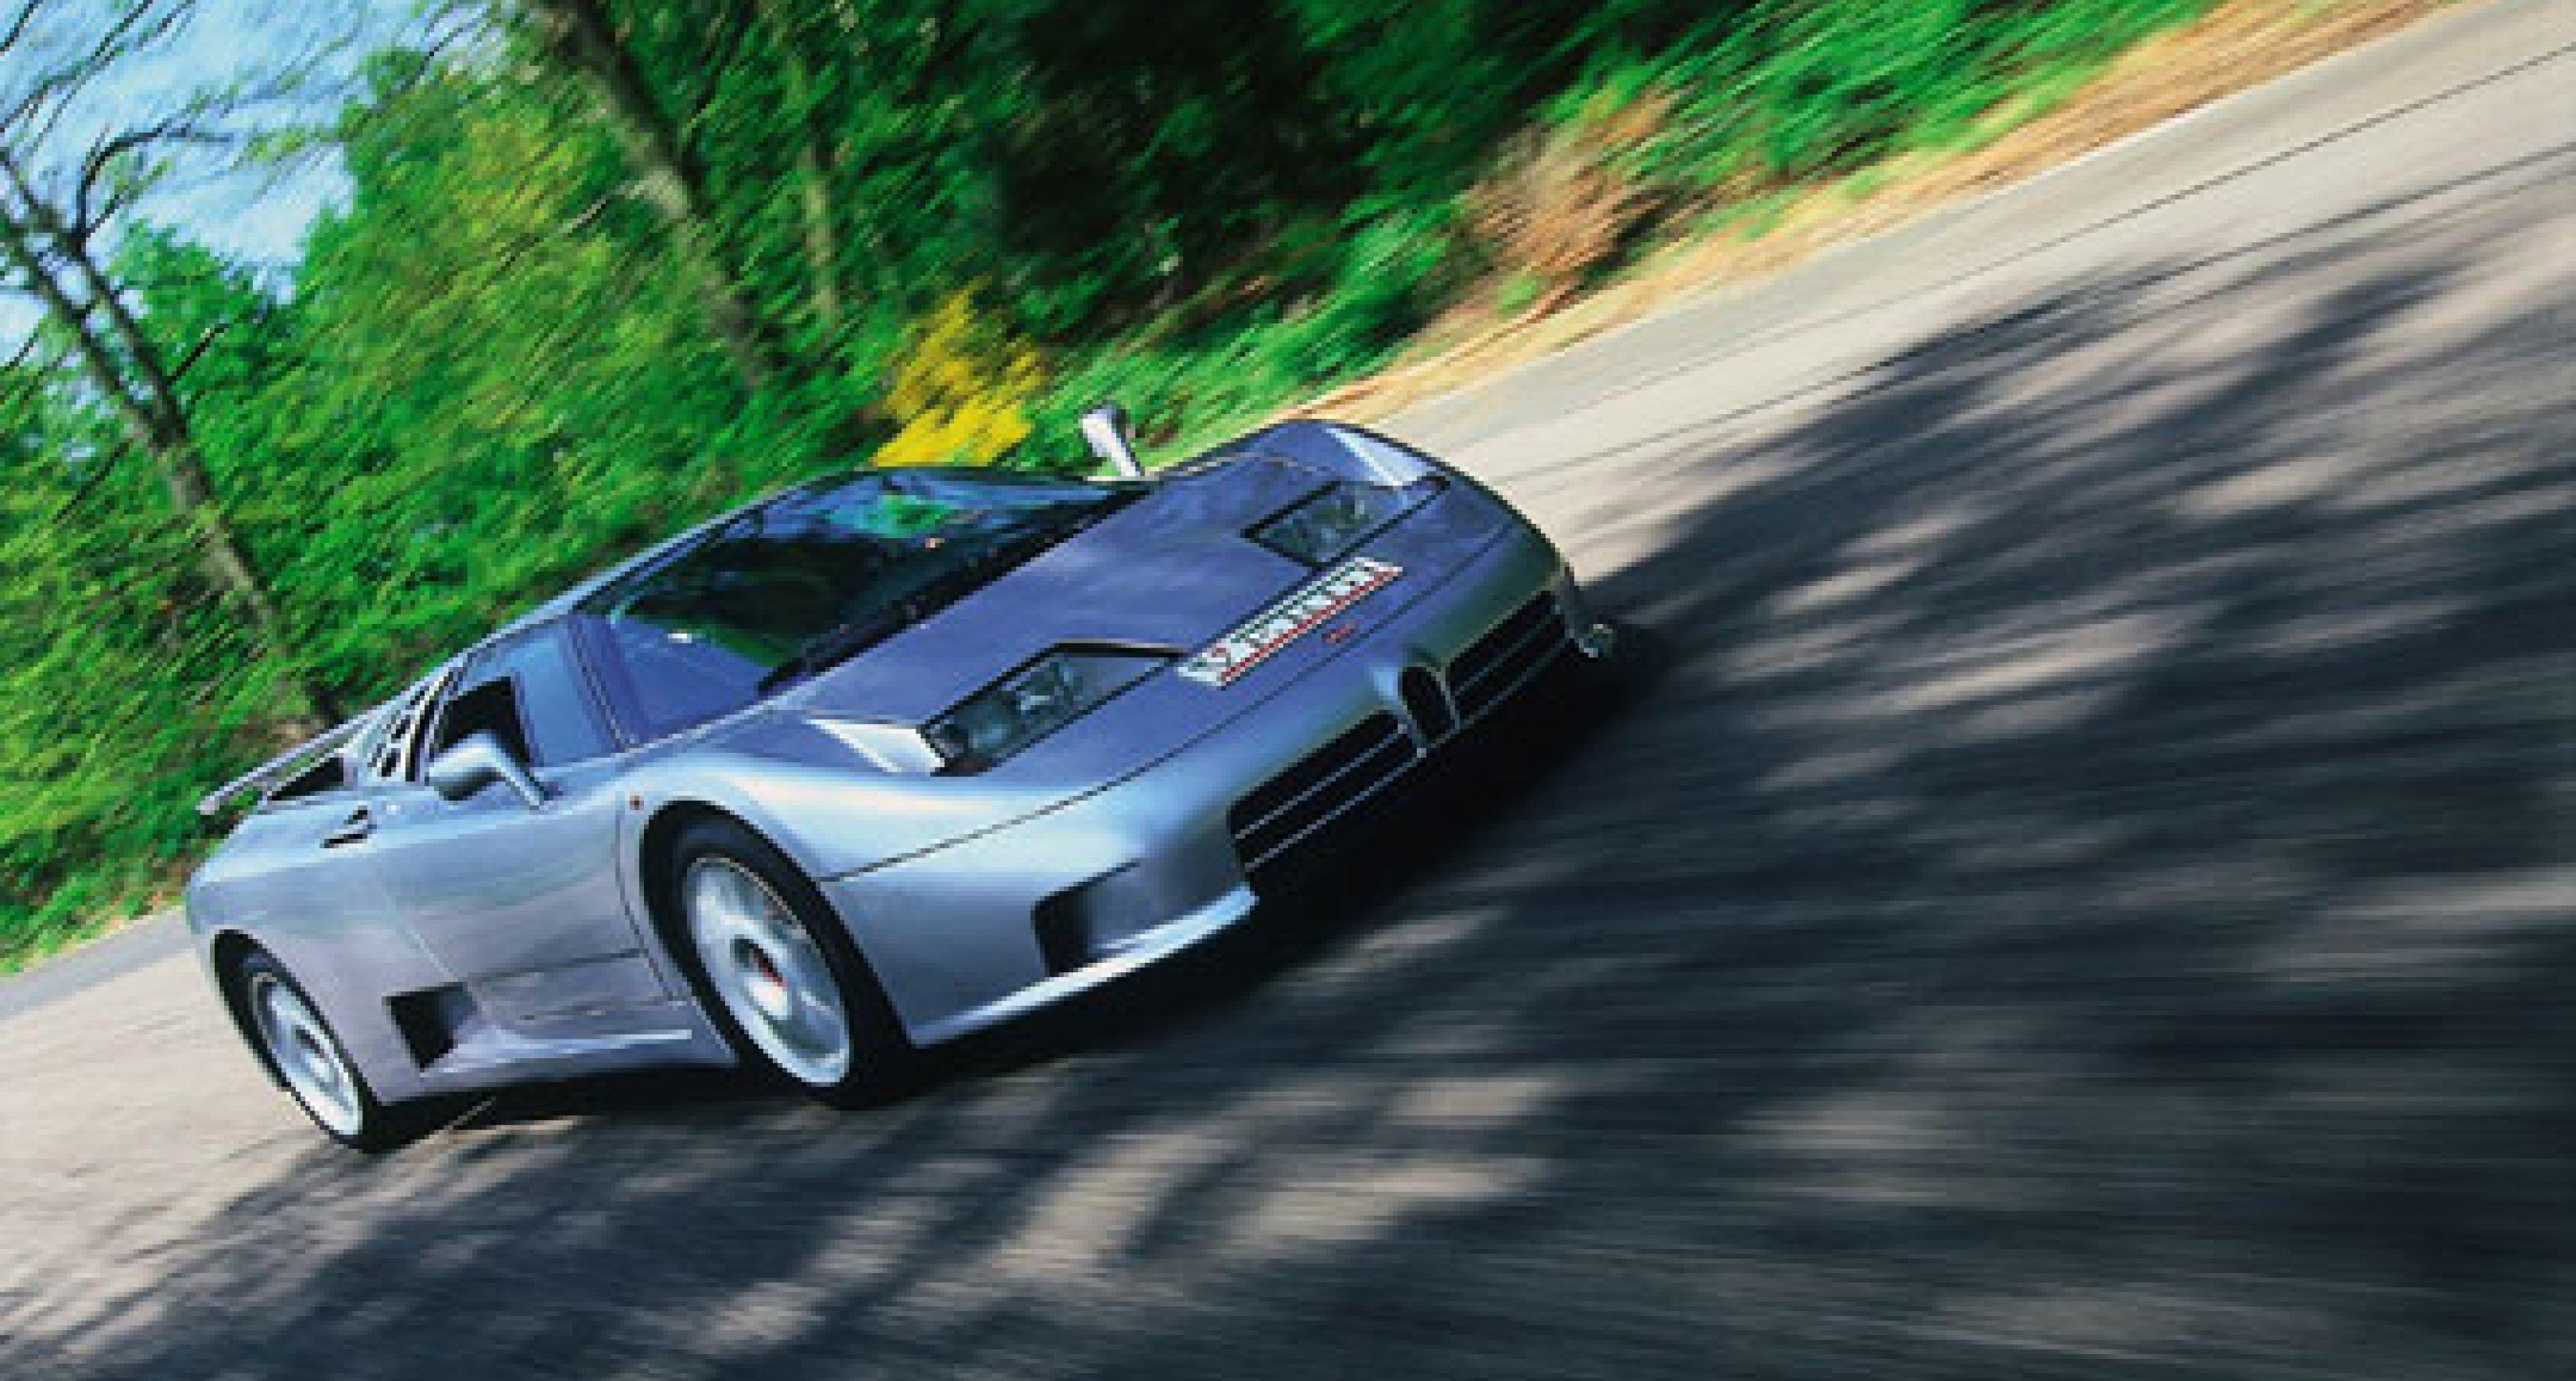 Bugatti EB110SS - The Forgotten Supercar